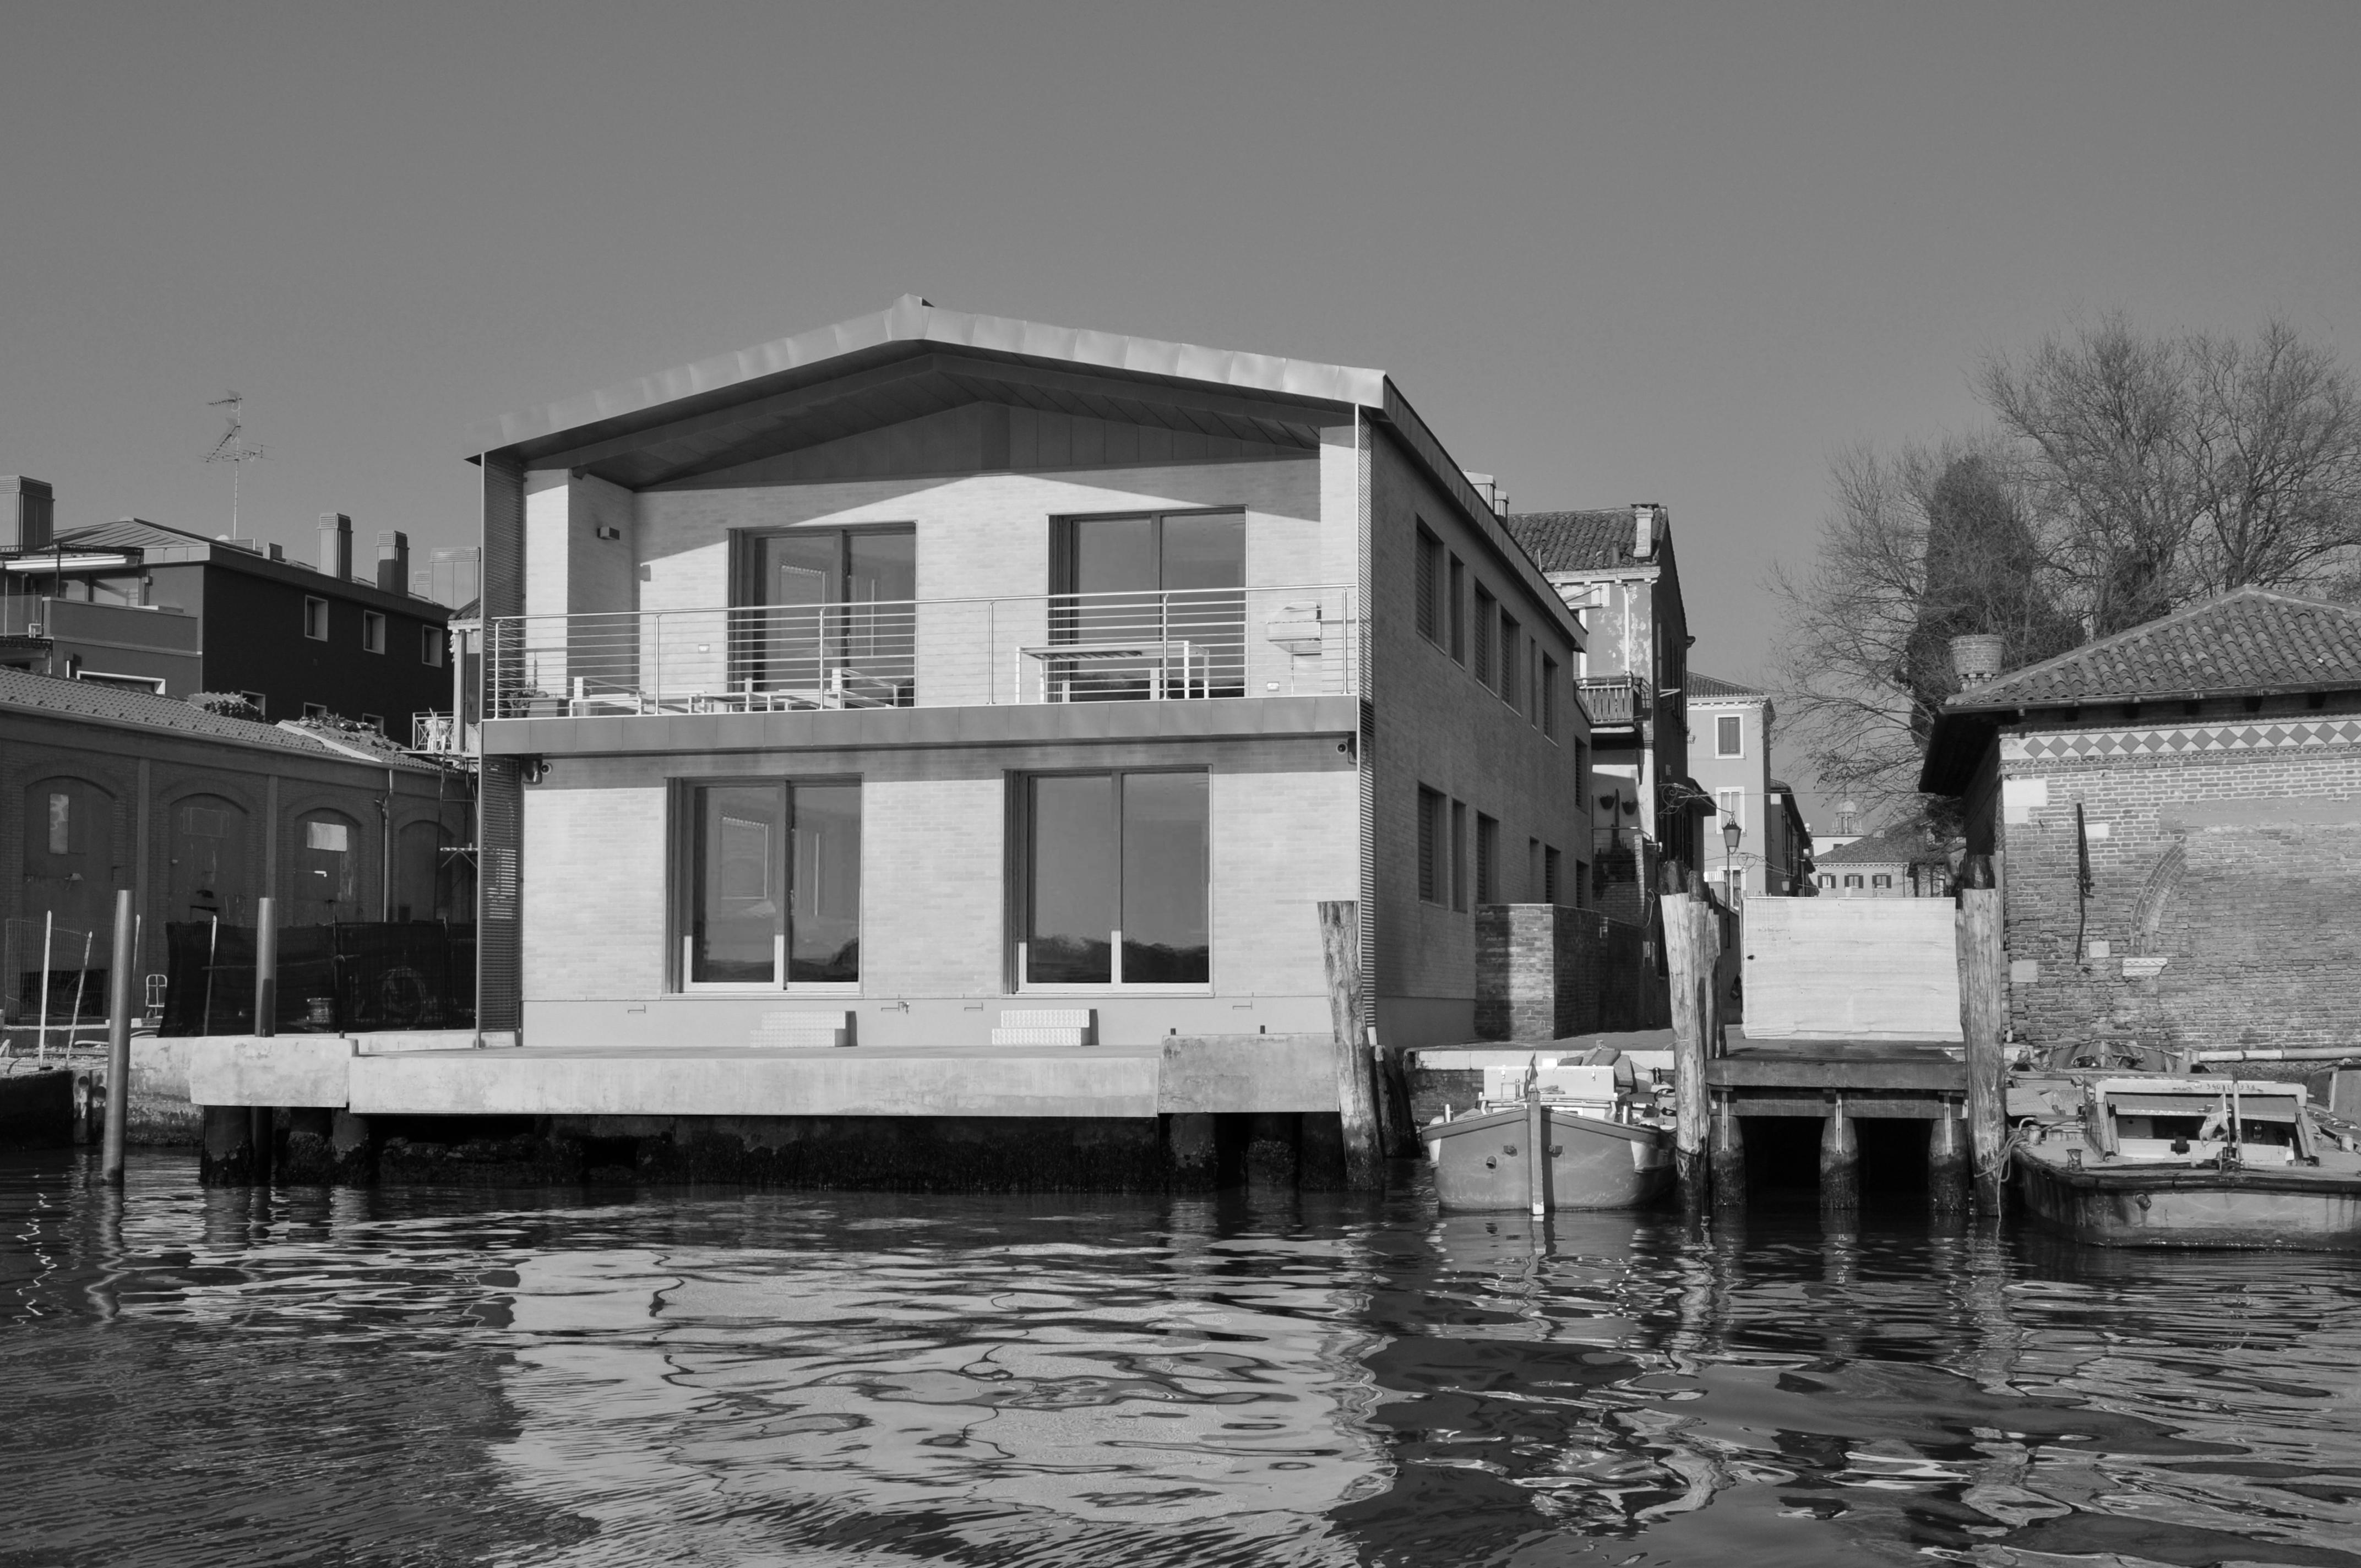 Fotografia di un progetto realizzato dallo studio Zuanier Associati